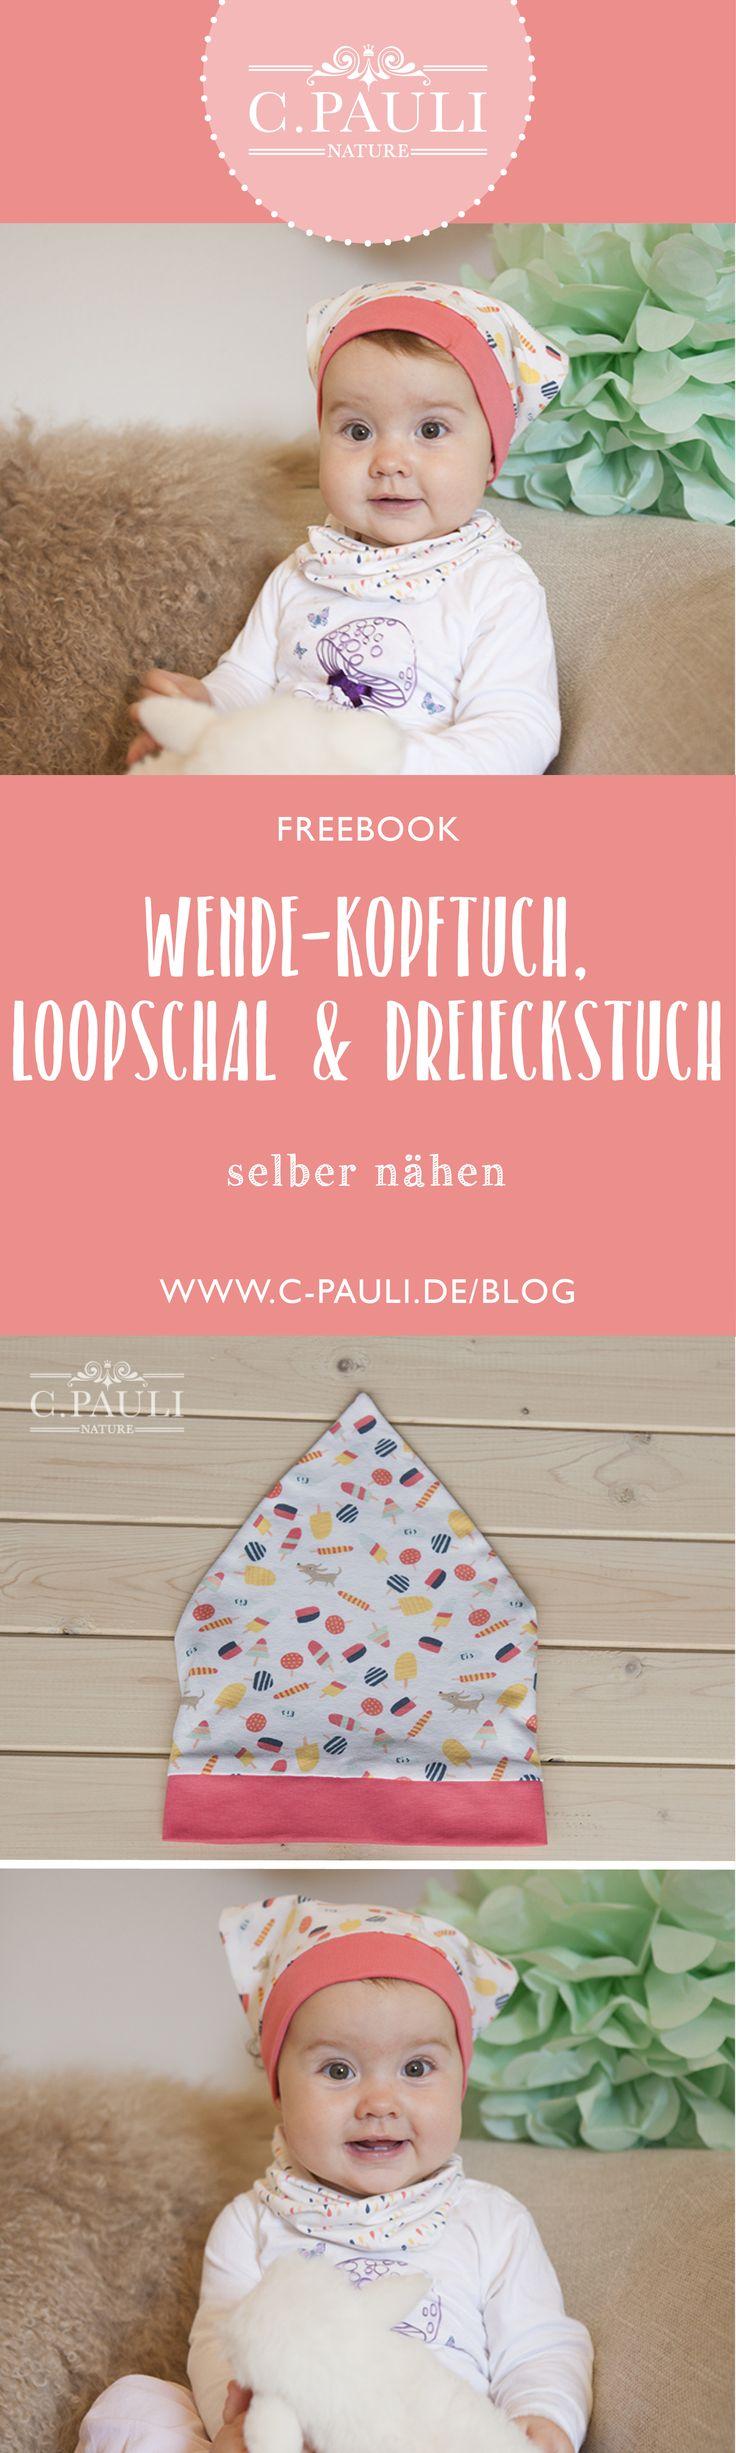 Babykopftuch + Loopschal und Halstuch | C.Pauli Nature Blog